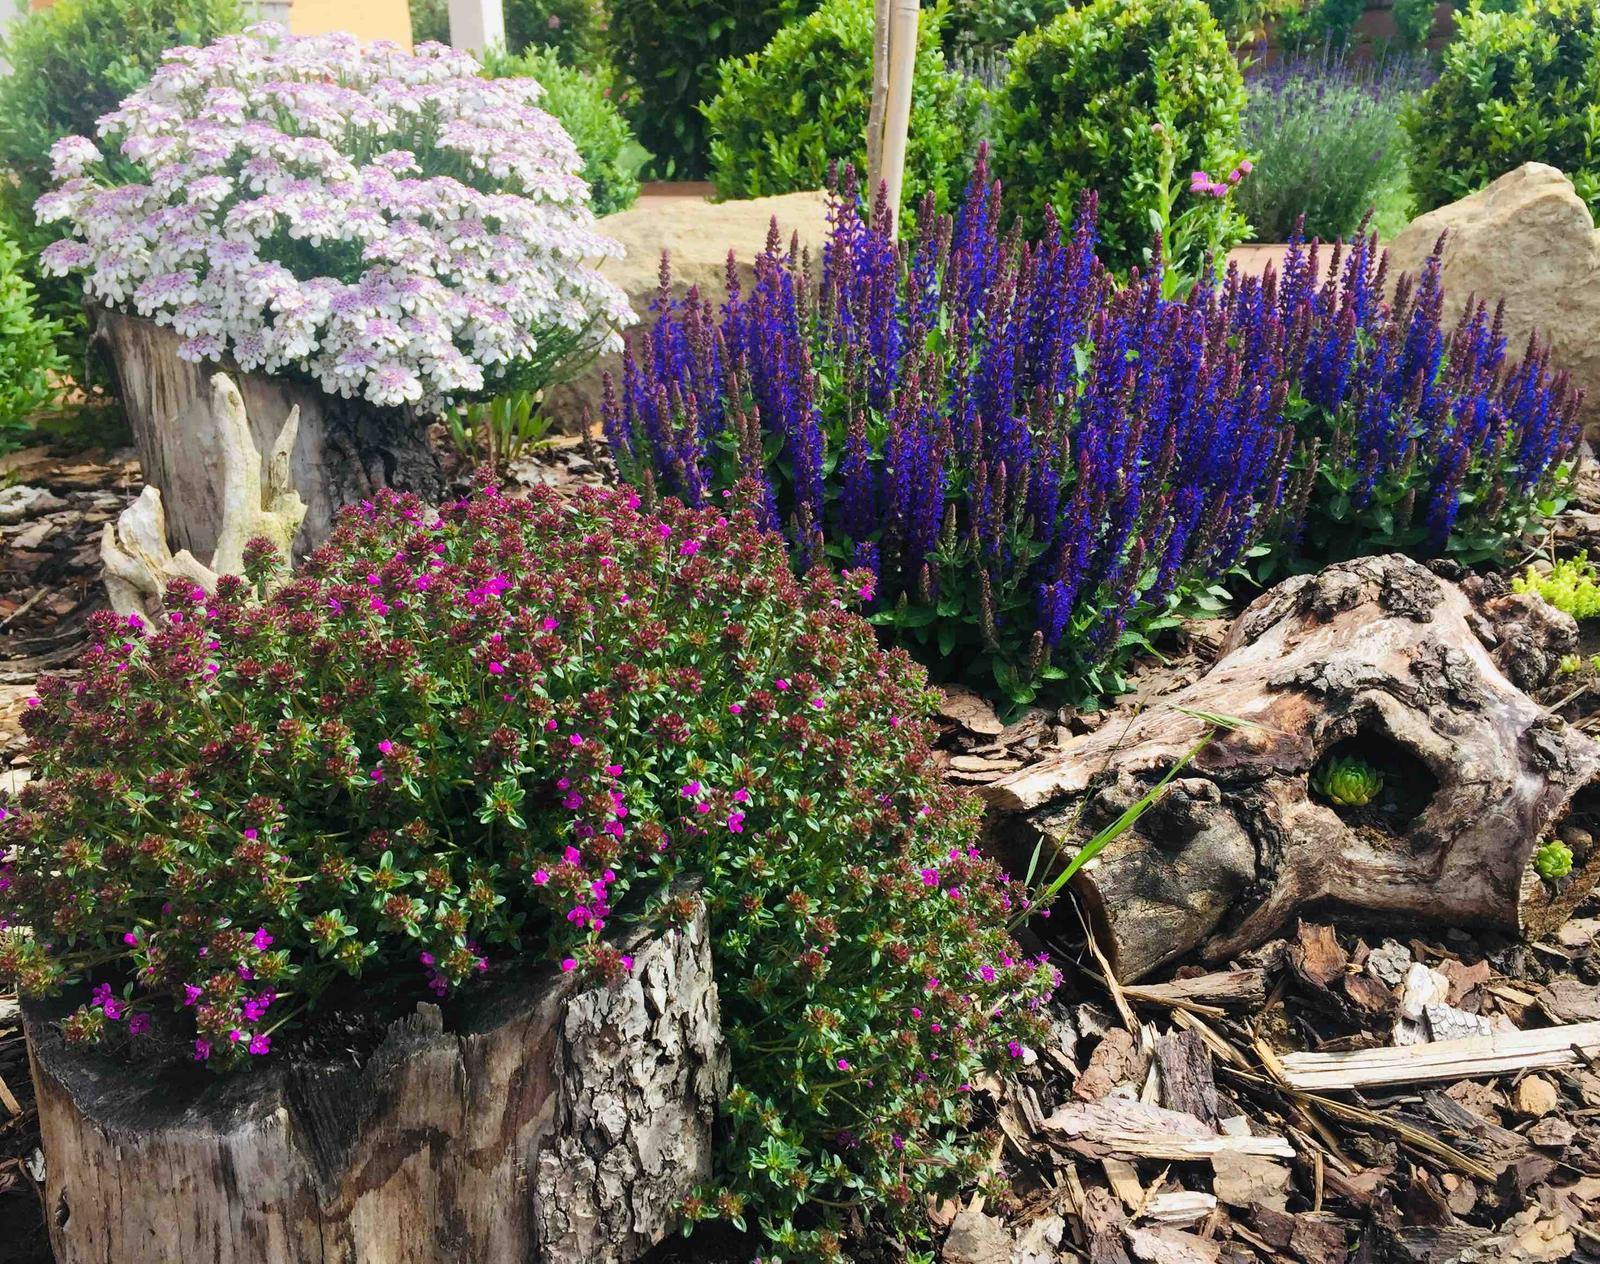 Naše barevná zahrada 🌸 rok 2020 - Bílá iberka stále kvete, přidala se šalvěj a začíná kvést mateřídouška 🤗